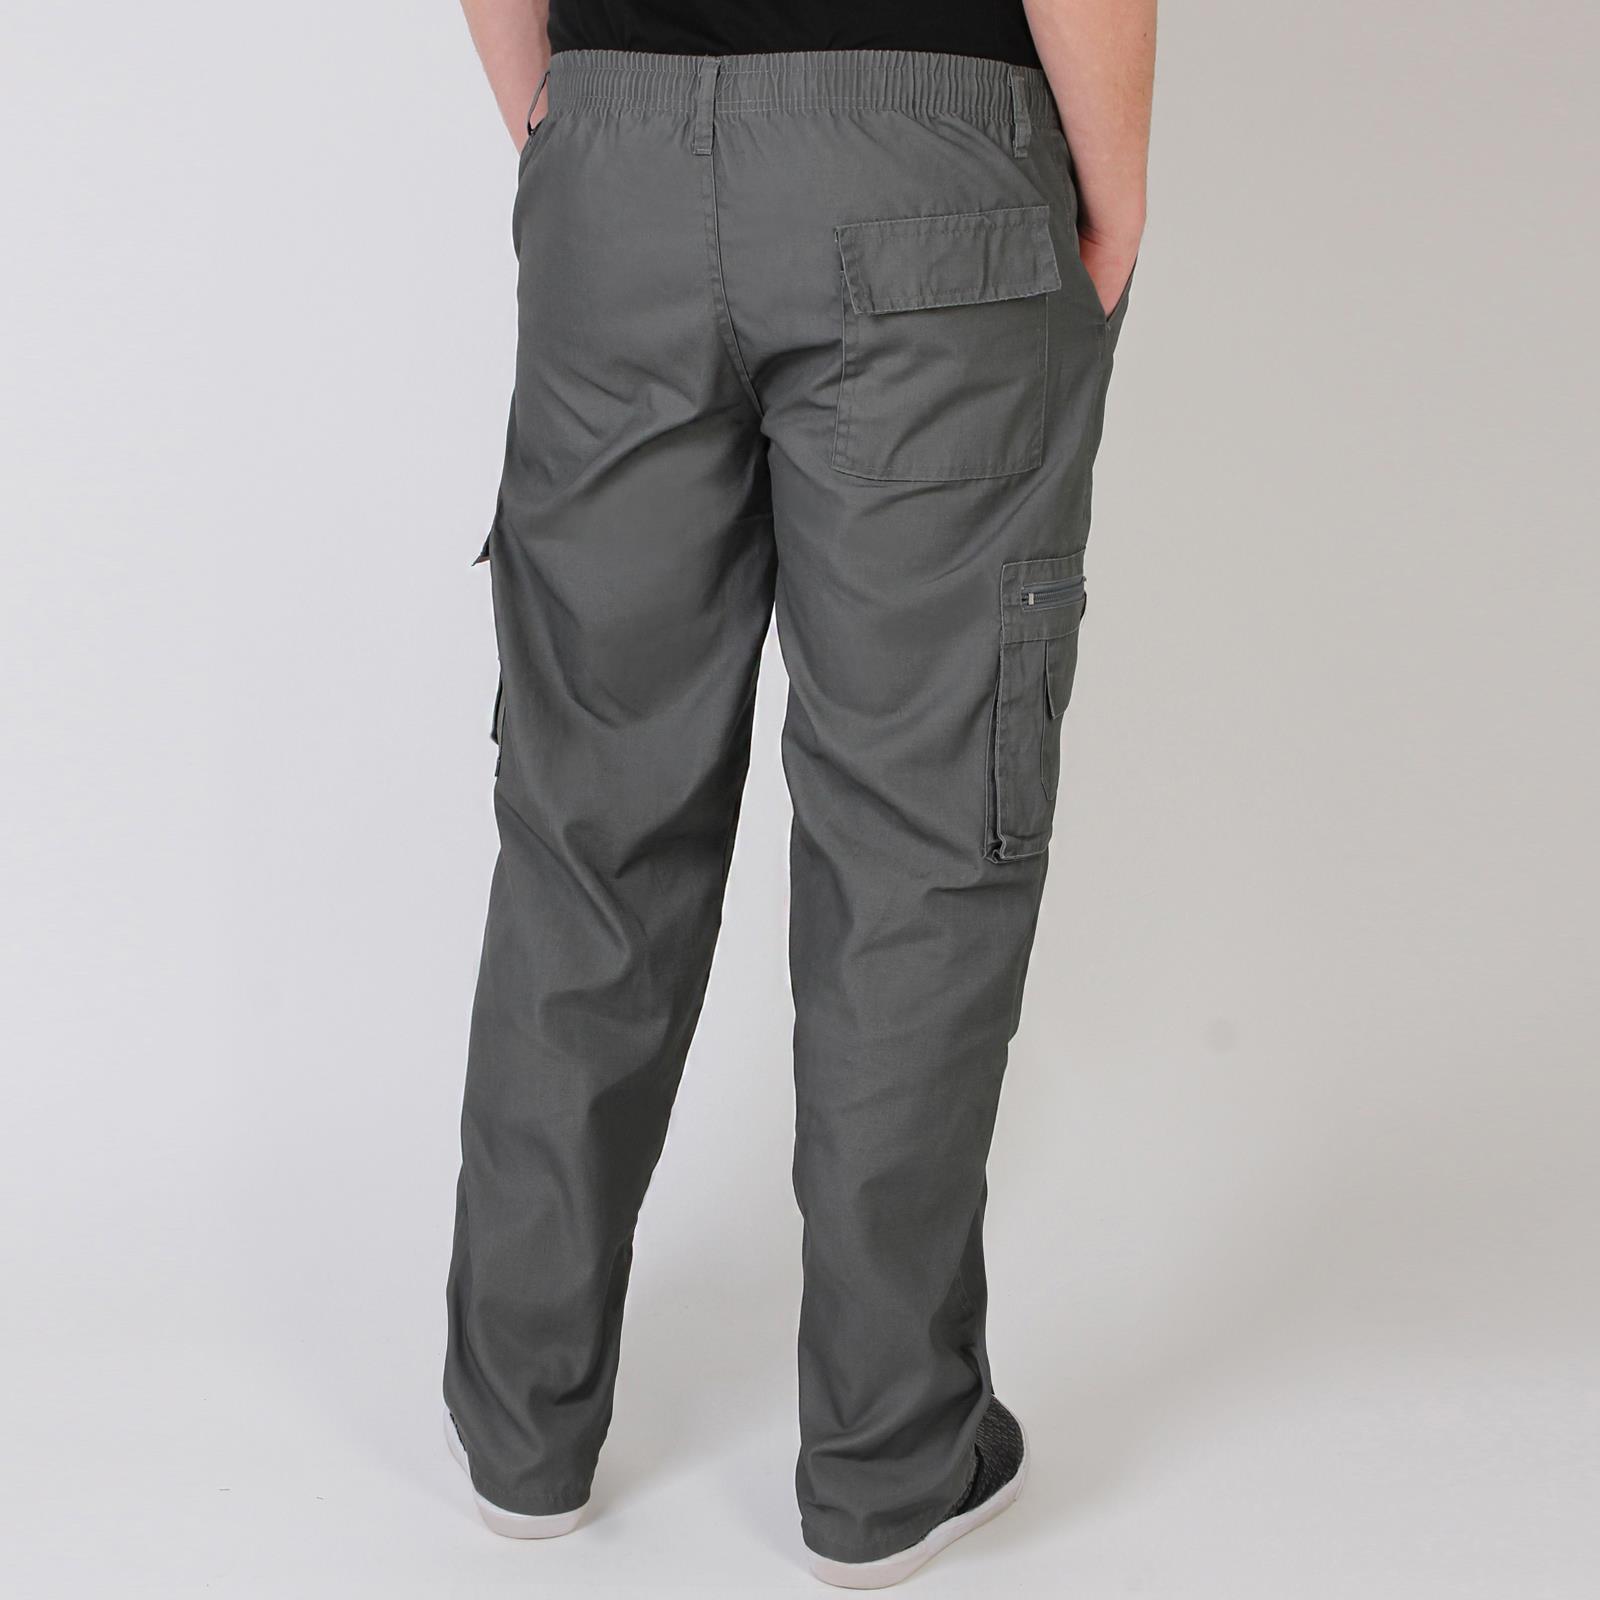 Uomo-Militare-Cargo-Pantaloni-Cotone-Lavoro-Chino-Casual-Kaki miniatura 16